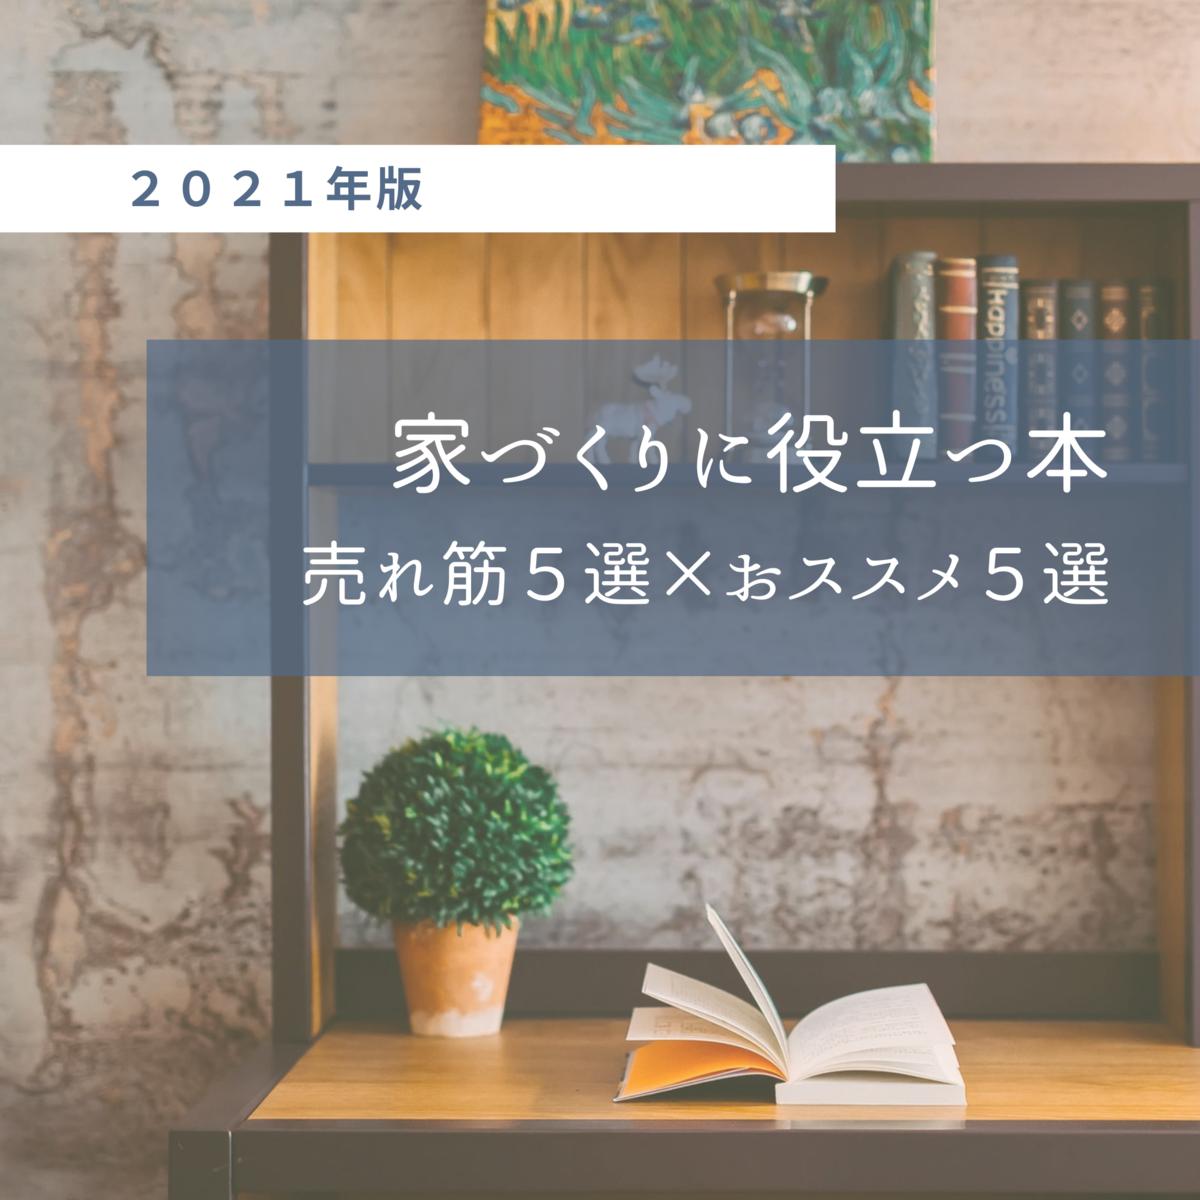 【家づくりに役立つ本2021年版】売れ筋5選+オススメ5選-マイホーム特化型-